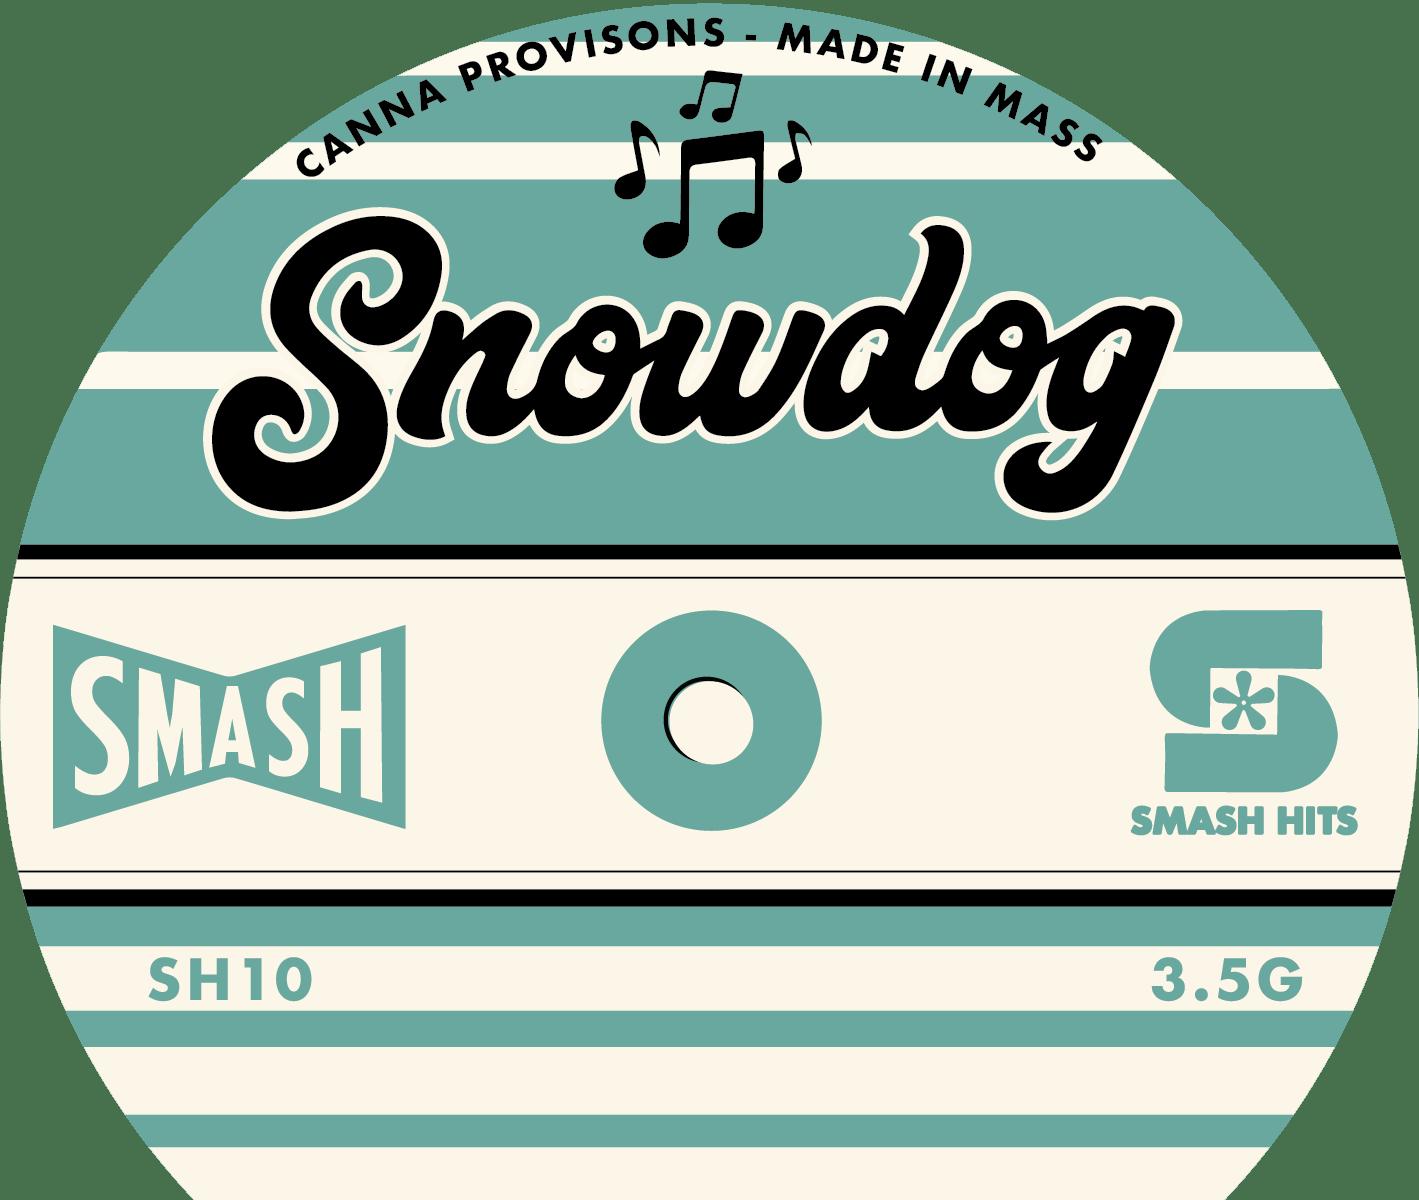 snowdog strain chemdog smash hits canna provisions